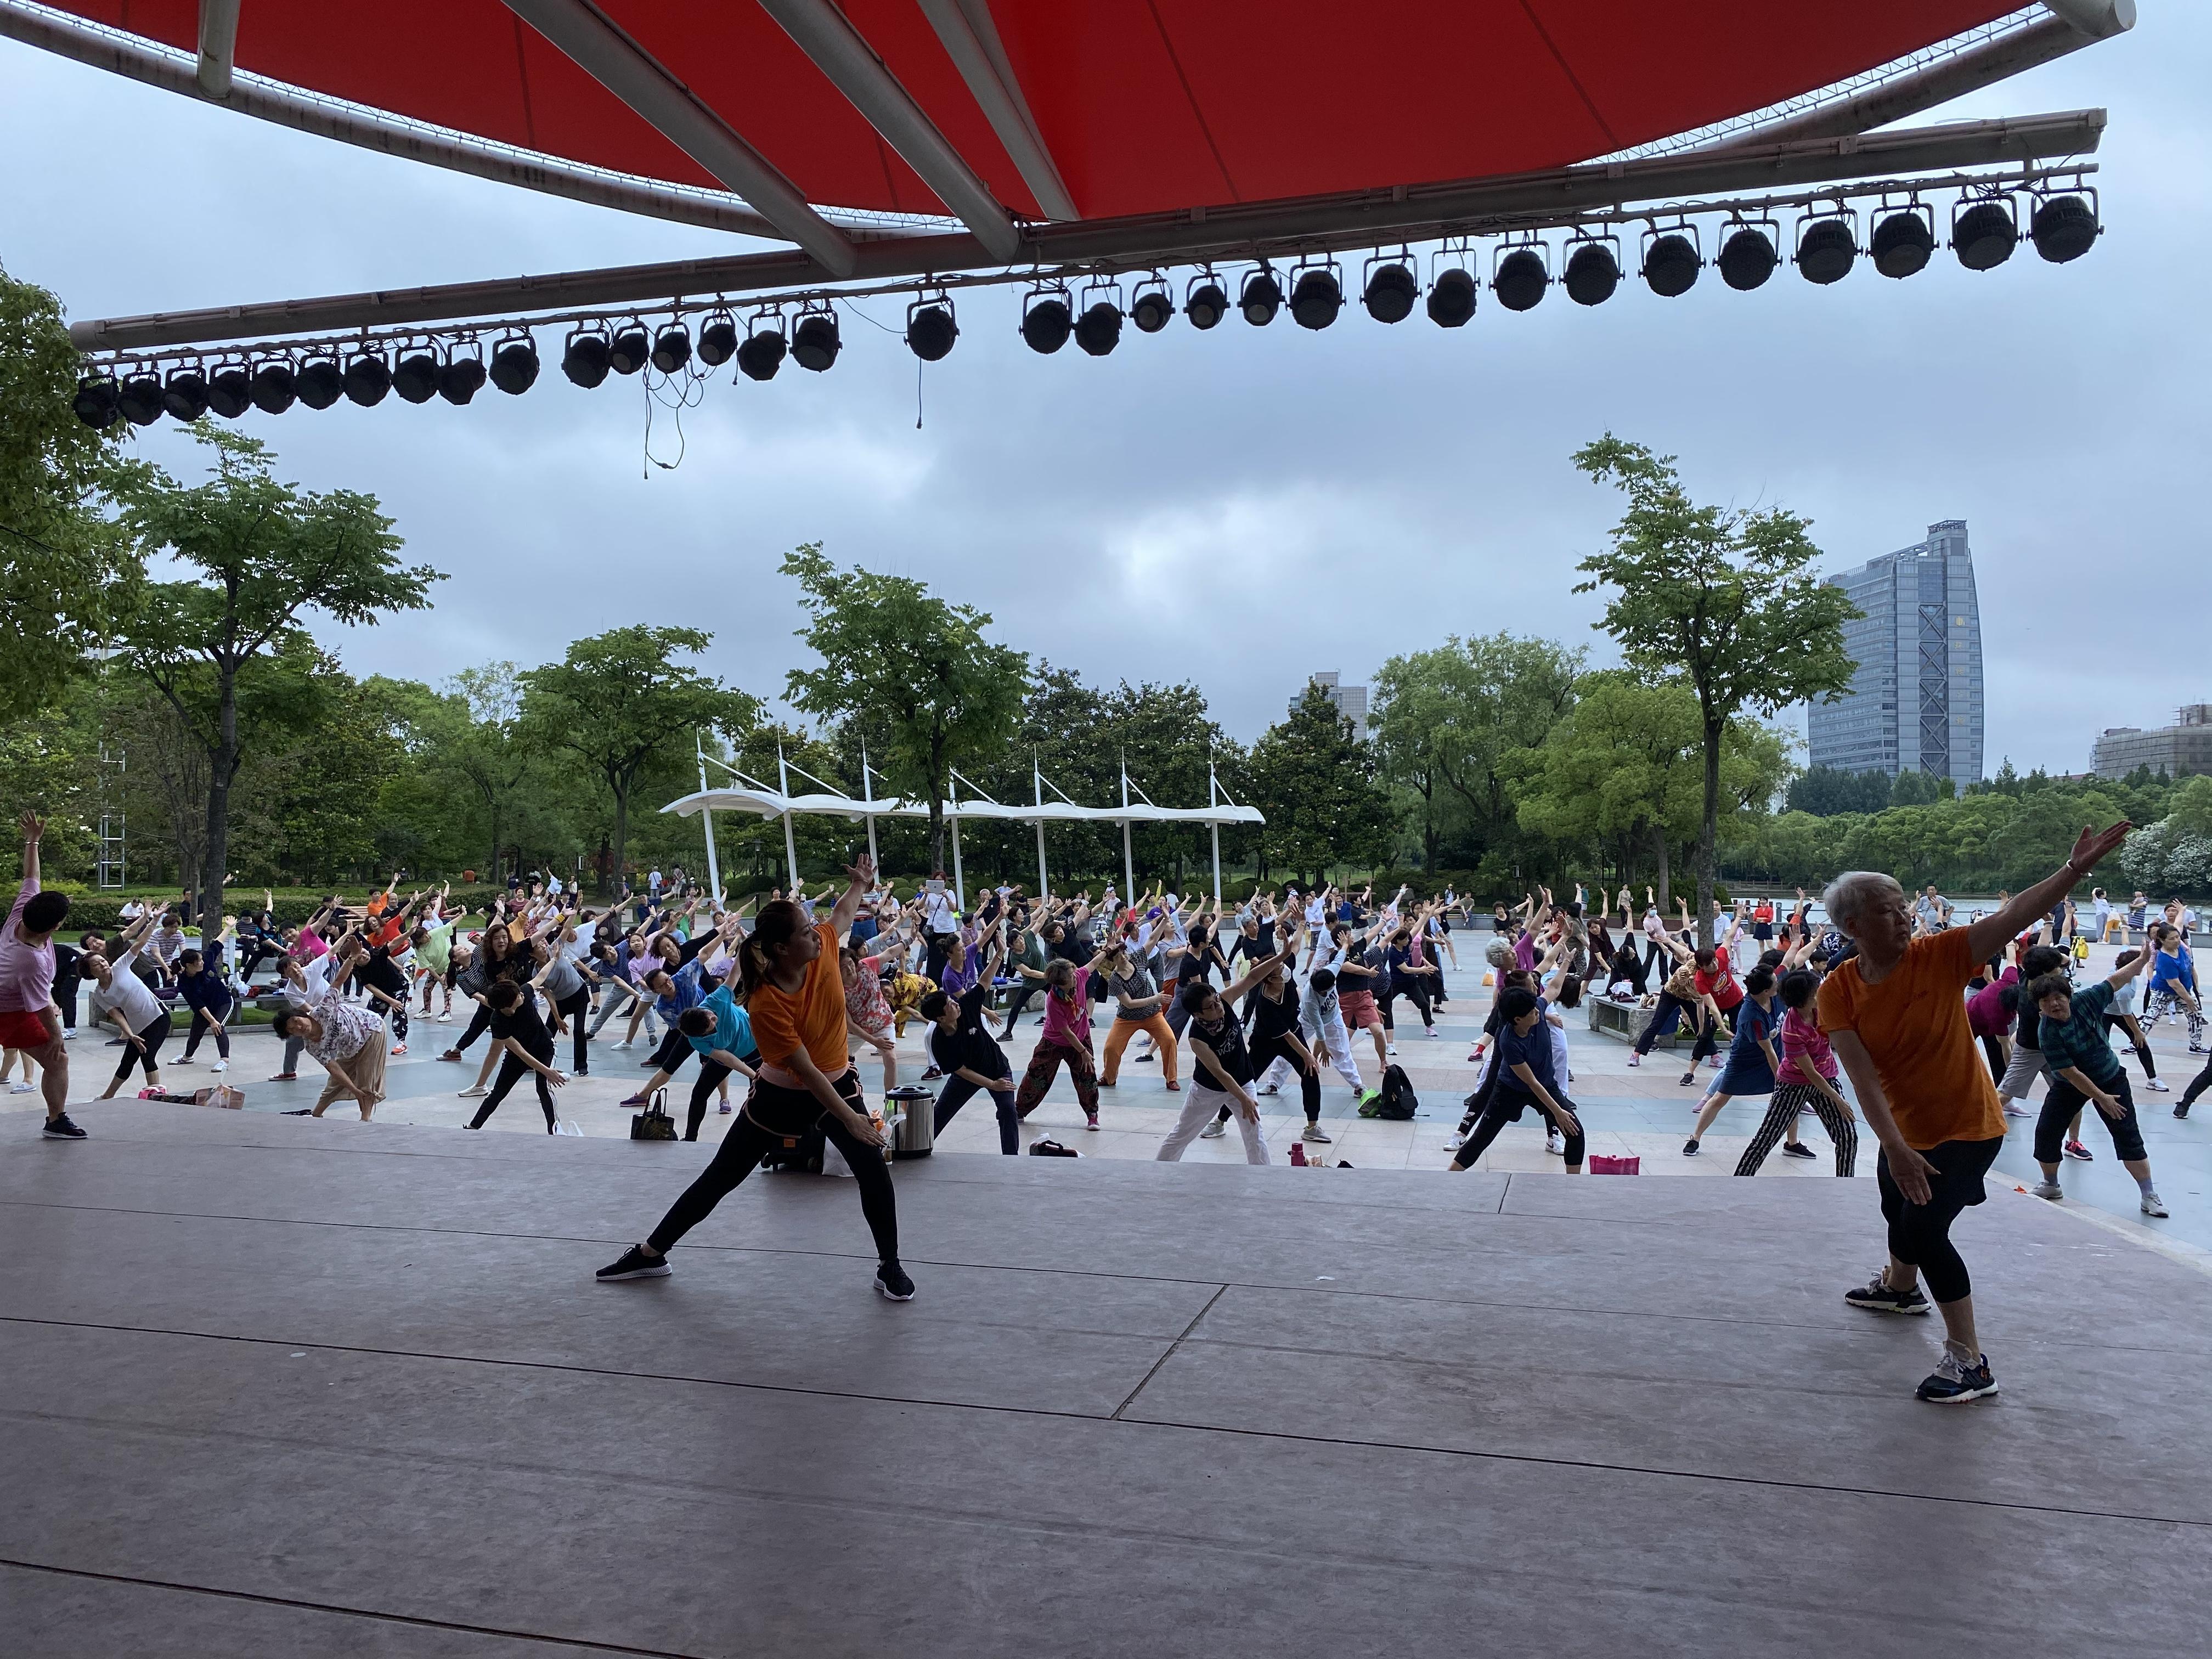 团课转到户外上,看看这家用户平均45岁的健身房怎么玩的